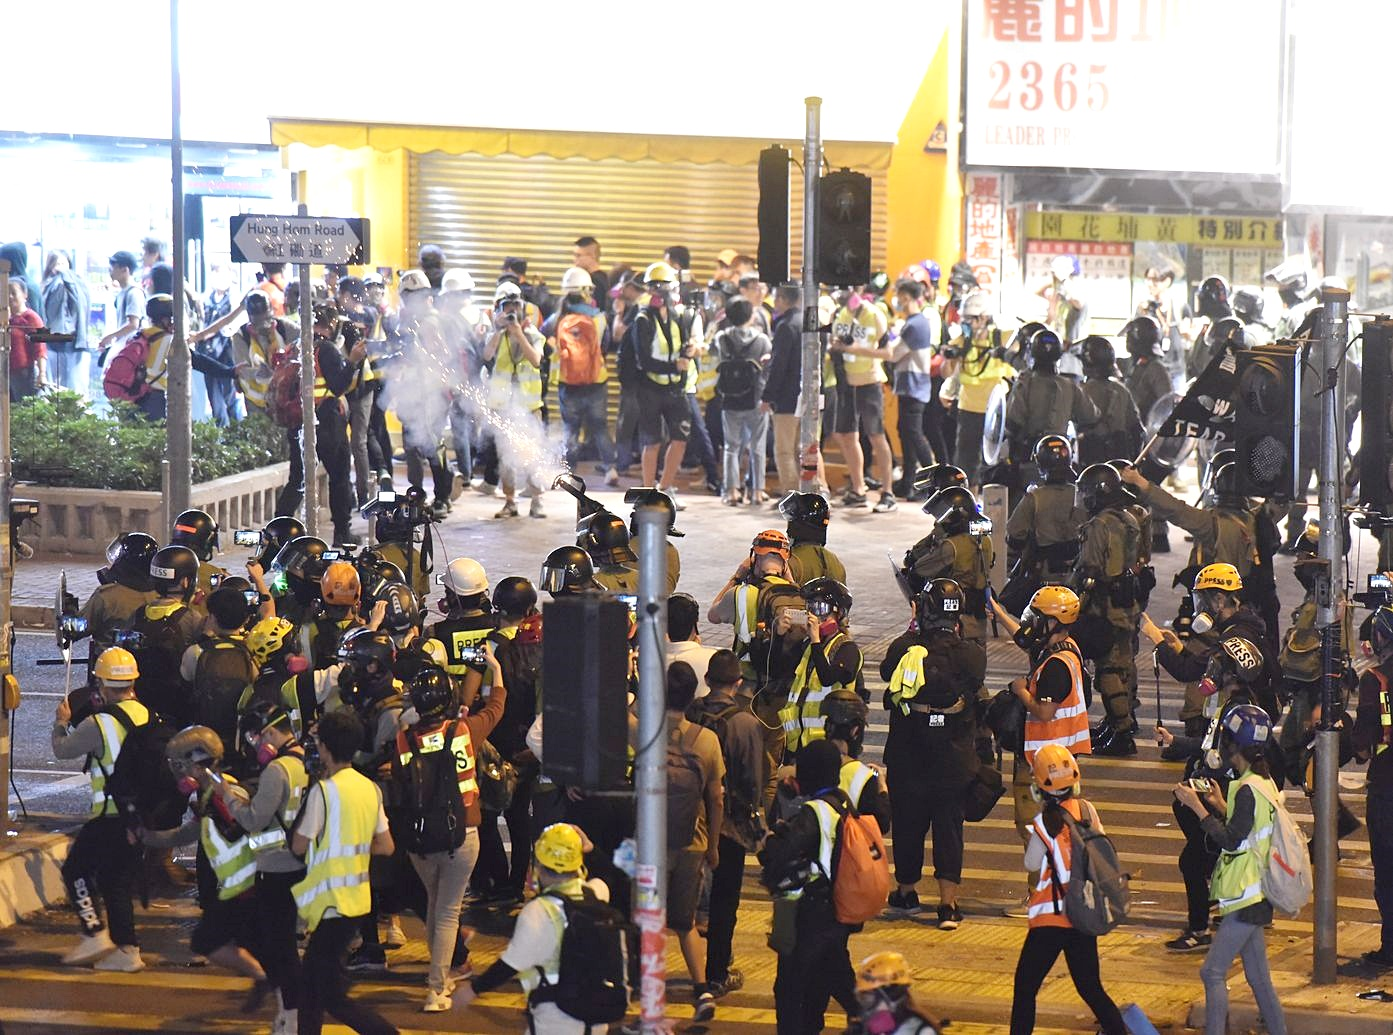 政府發言人指,監警會正主動審視近月大型公眾活動。資料圖片